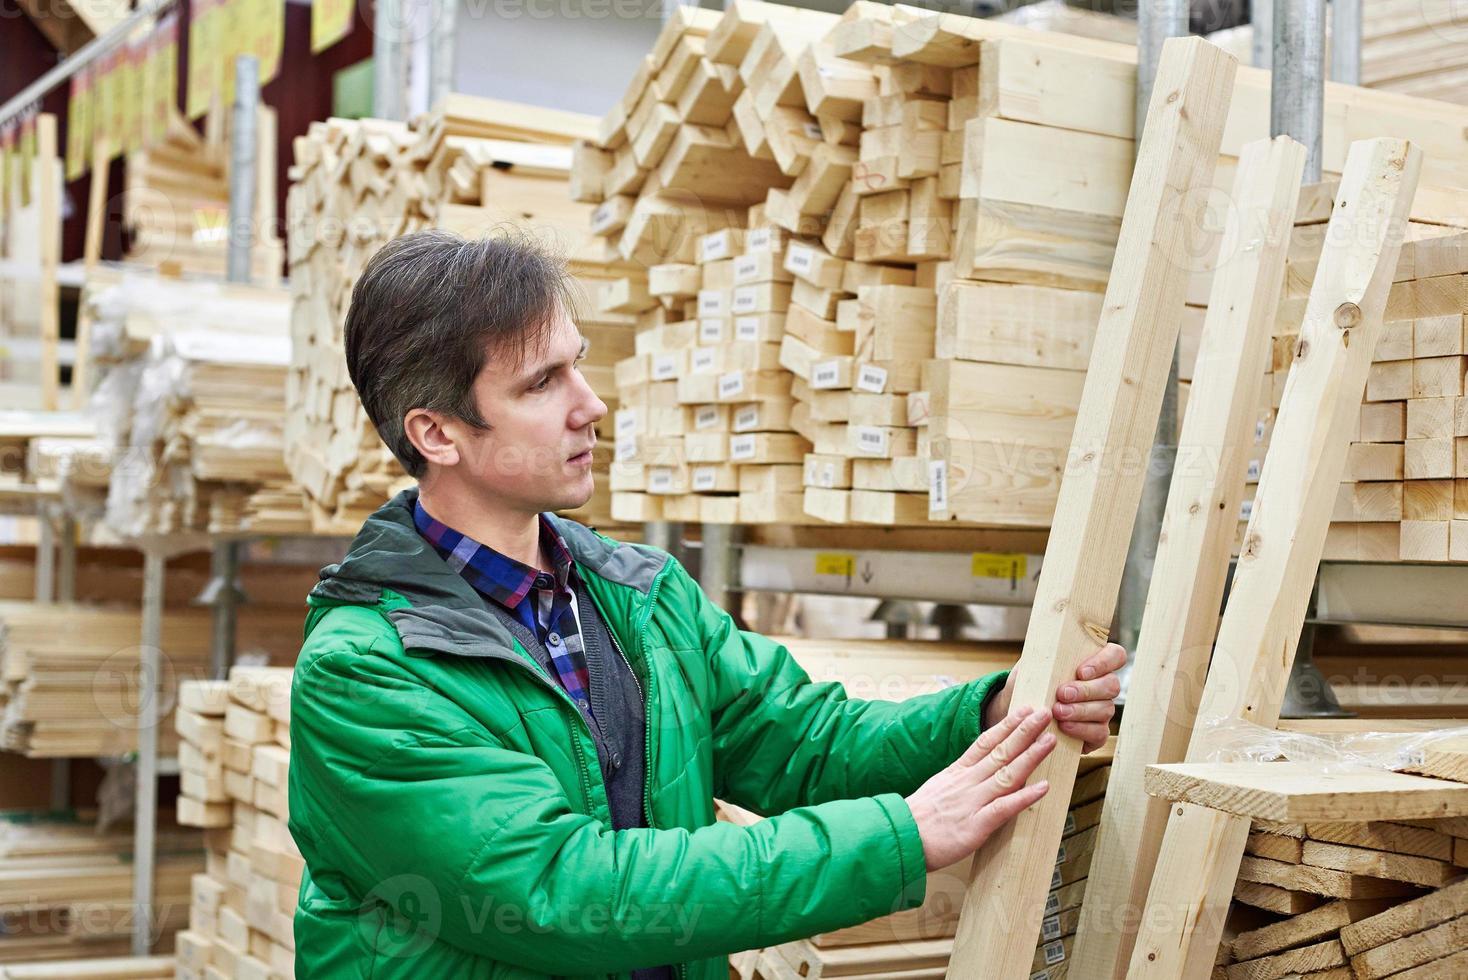 uomo shopping per legname nel negozio fai da te foto